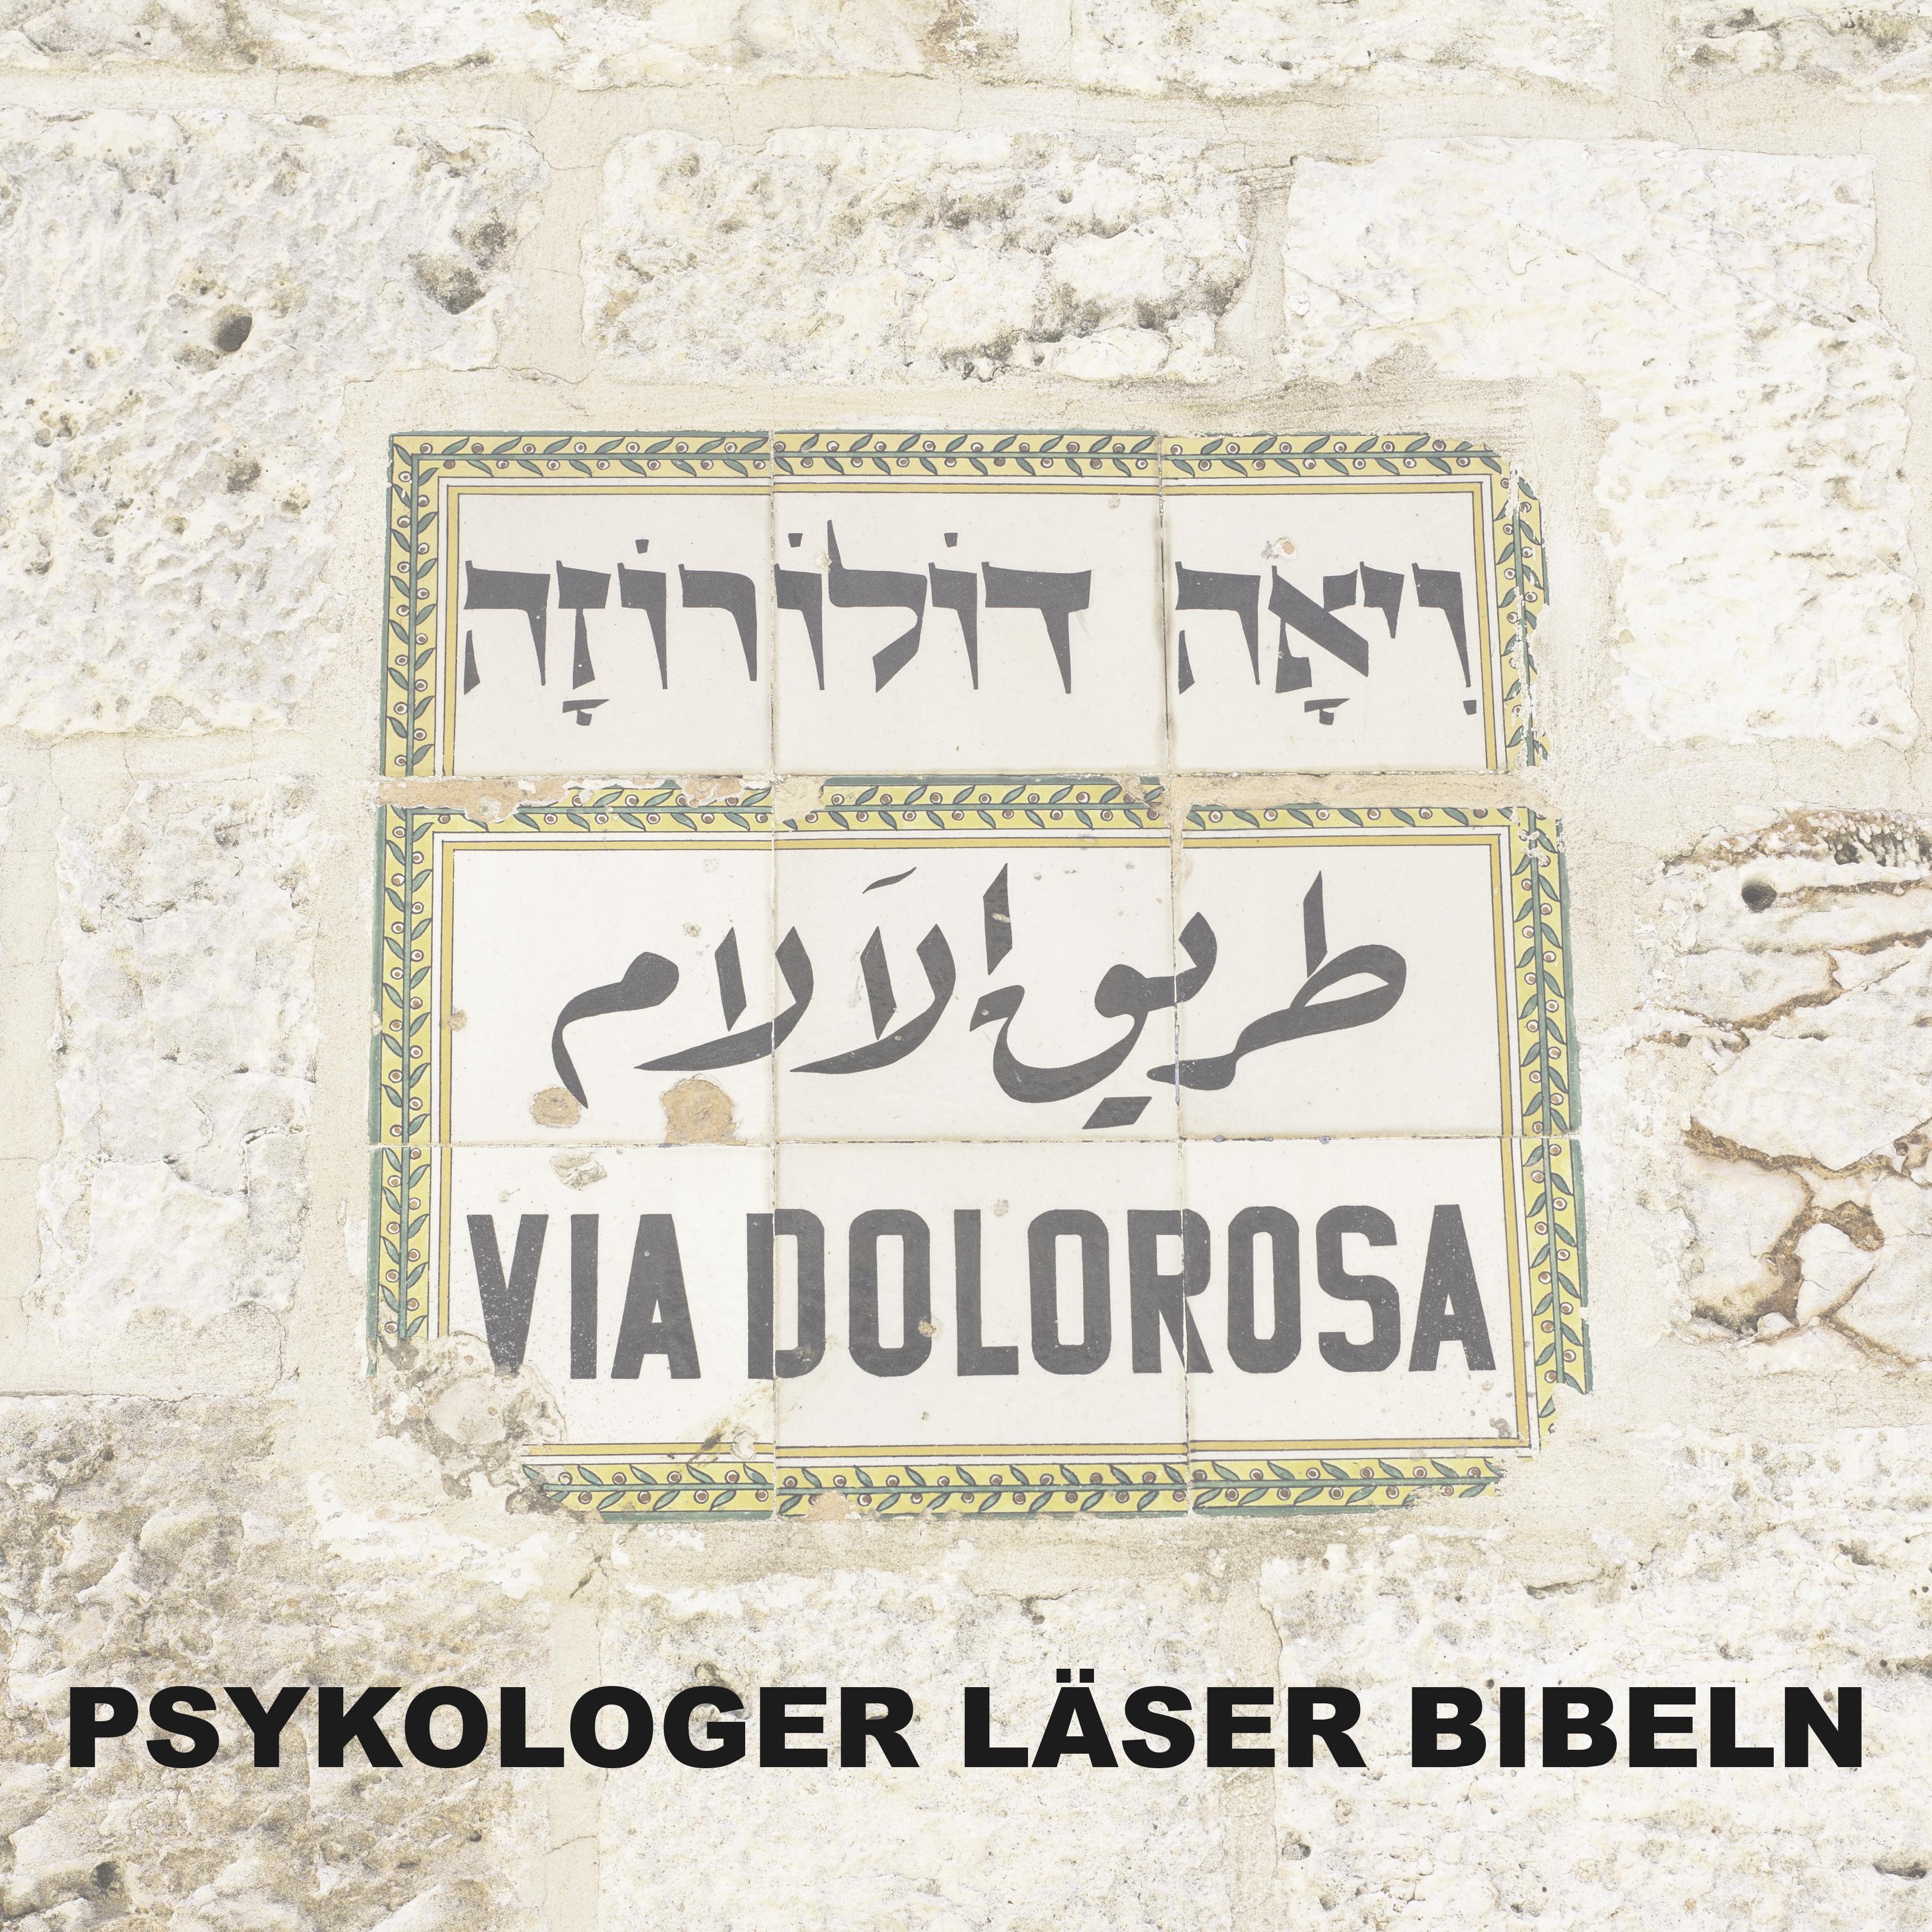 Psykologer läser Bibeln show art